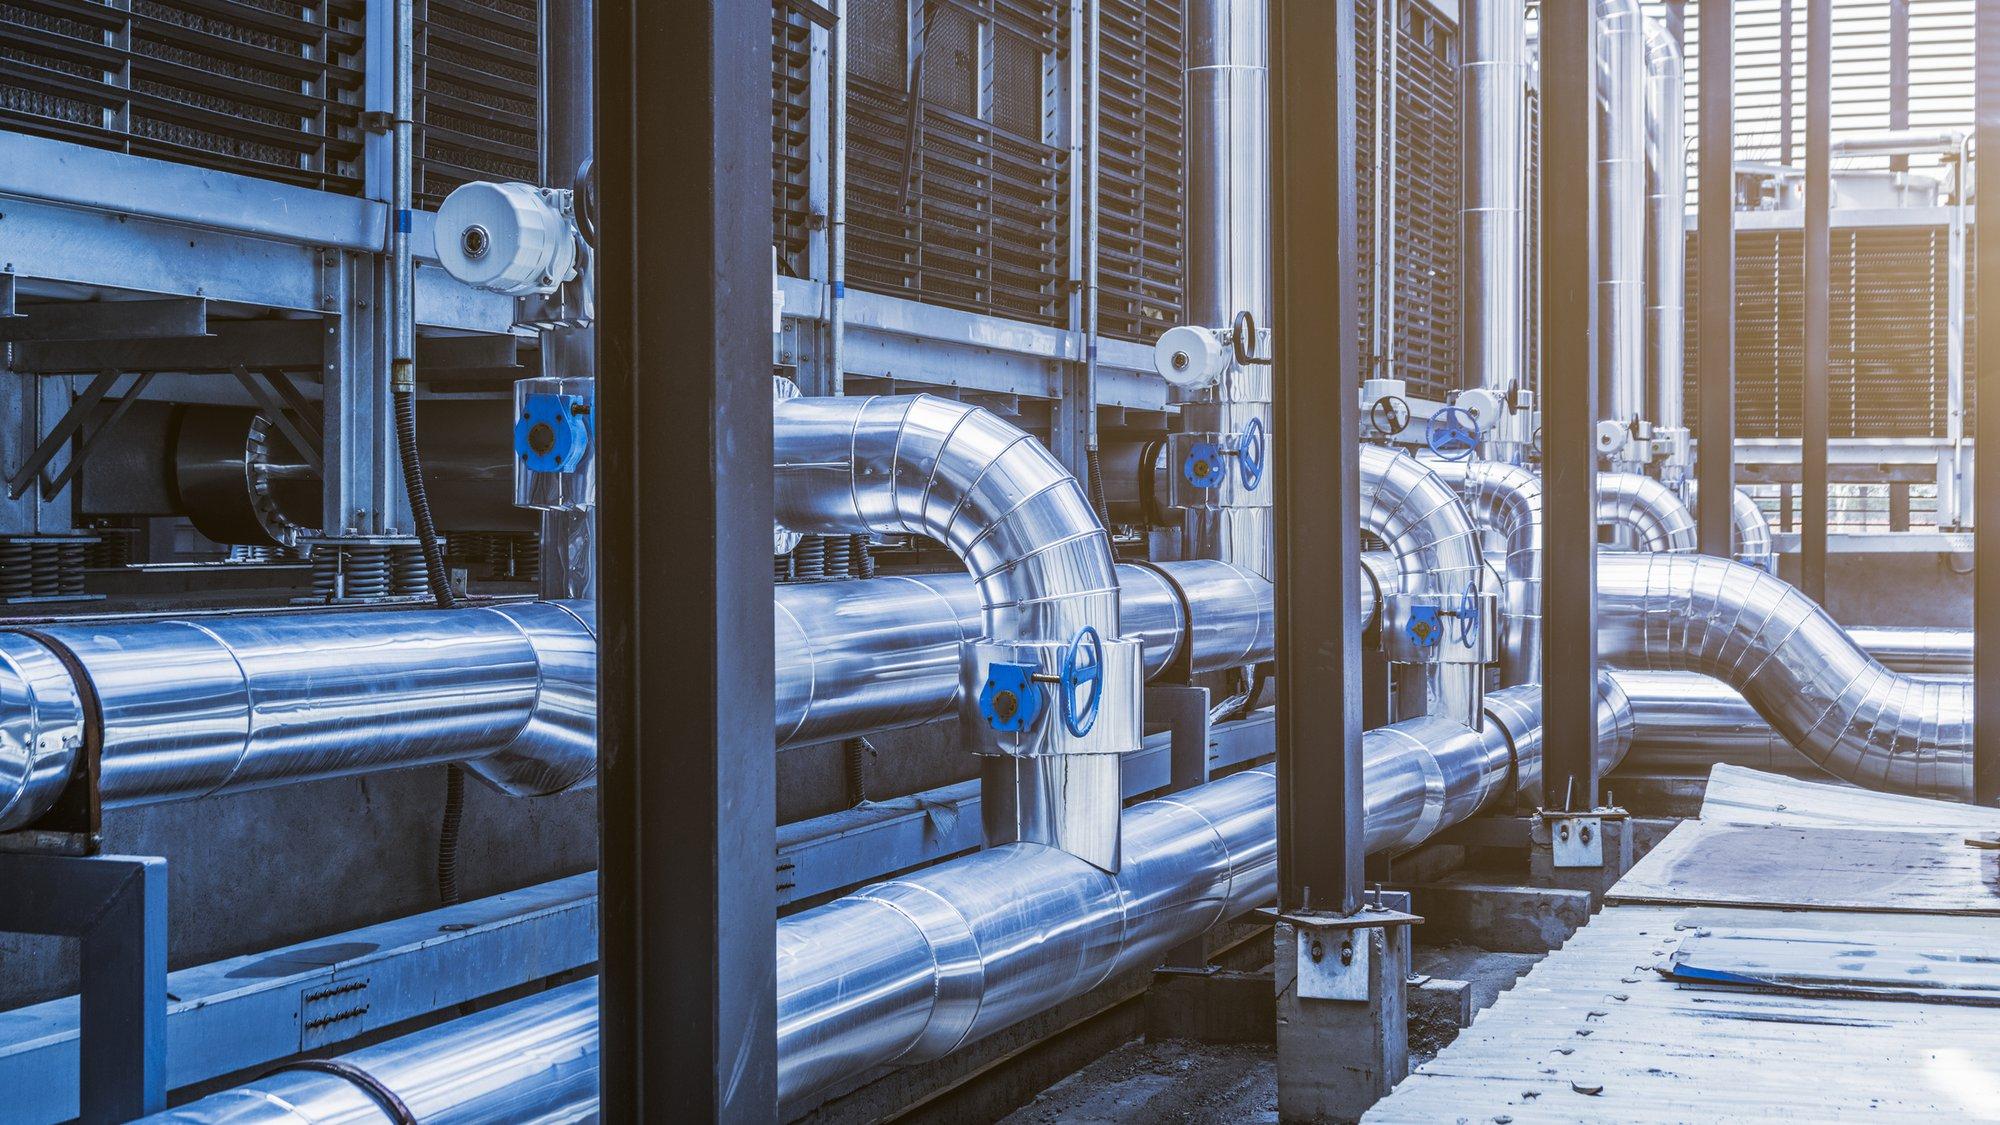 Veilig ventileren in bedrijfsruimtes: vijf actuele richtlijnen